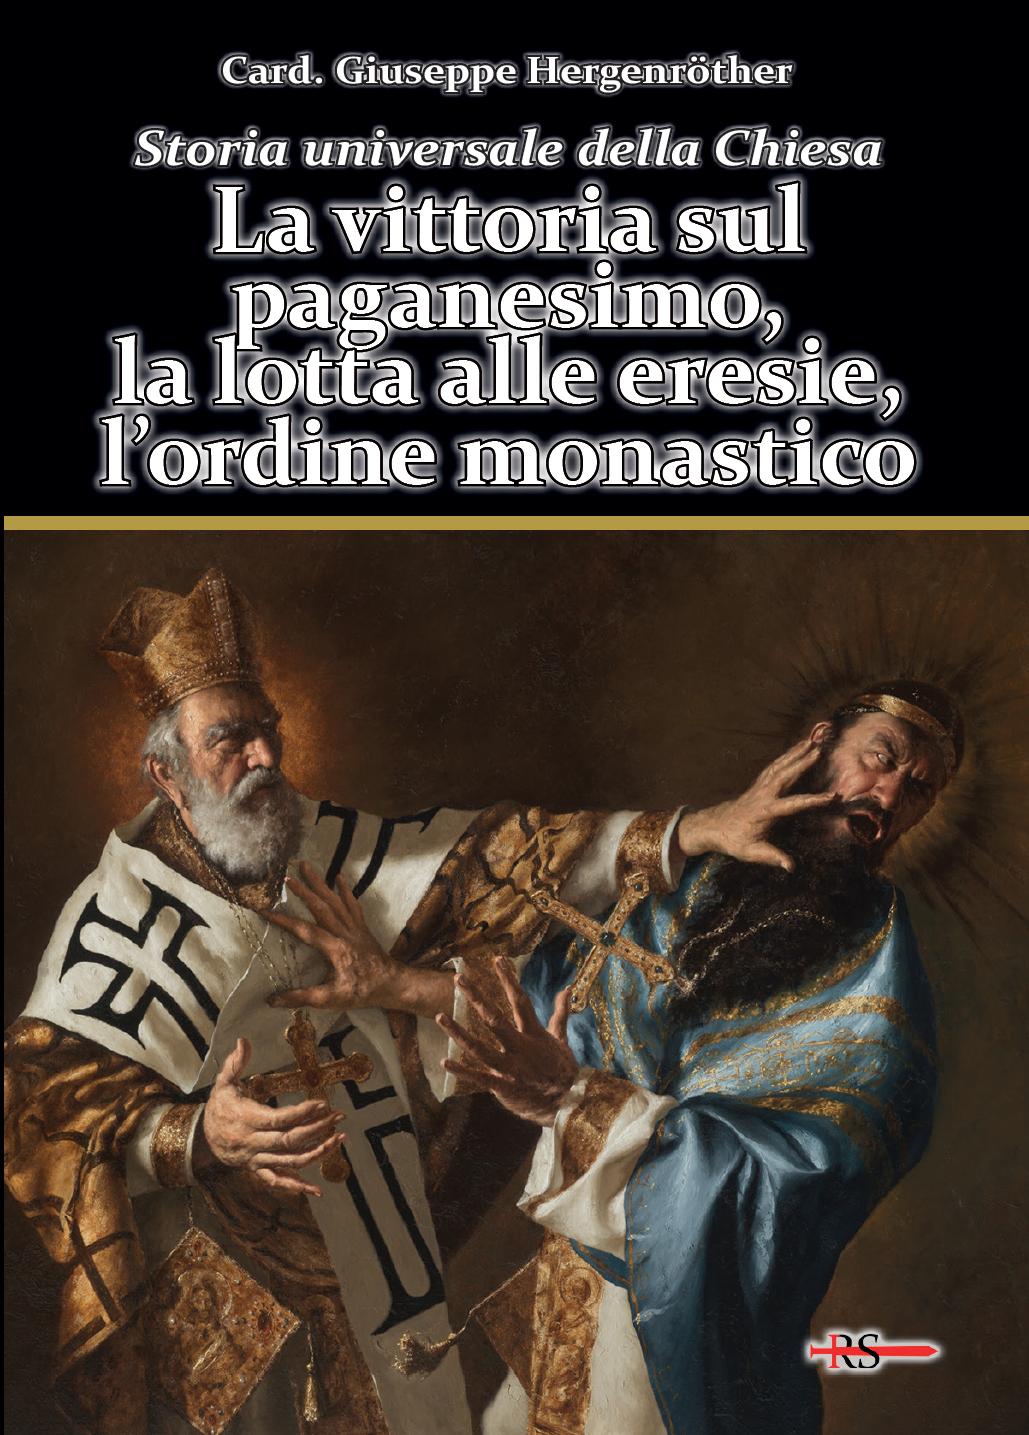 La vittoria sul paganesimo, la lotta alle eresie, l'ordine monastico (Vol. 2, prima parte, di Storia universale della Chiesa)